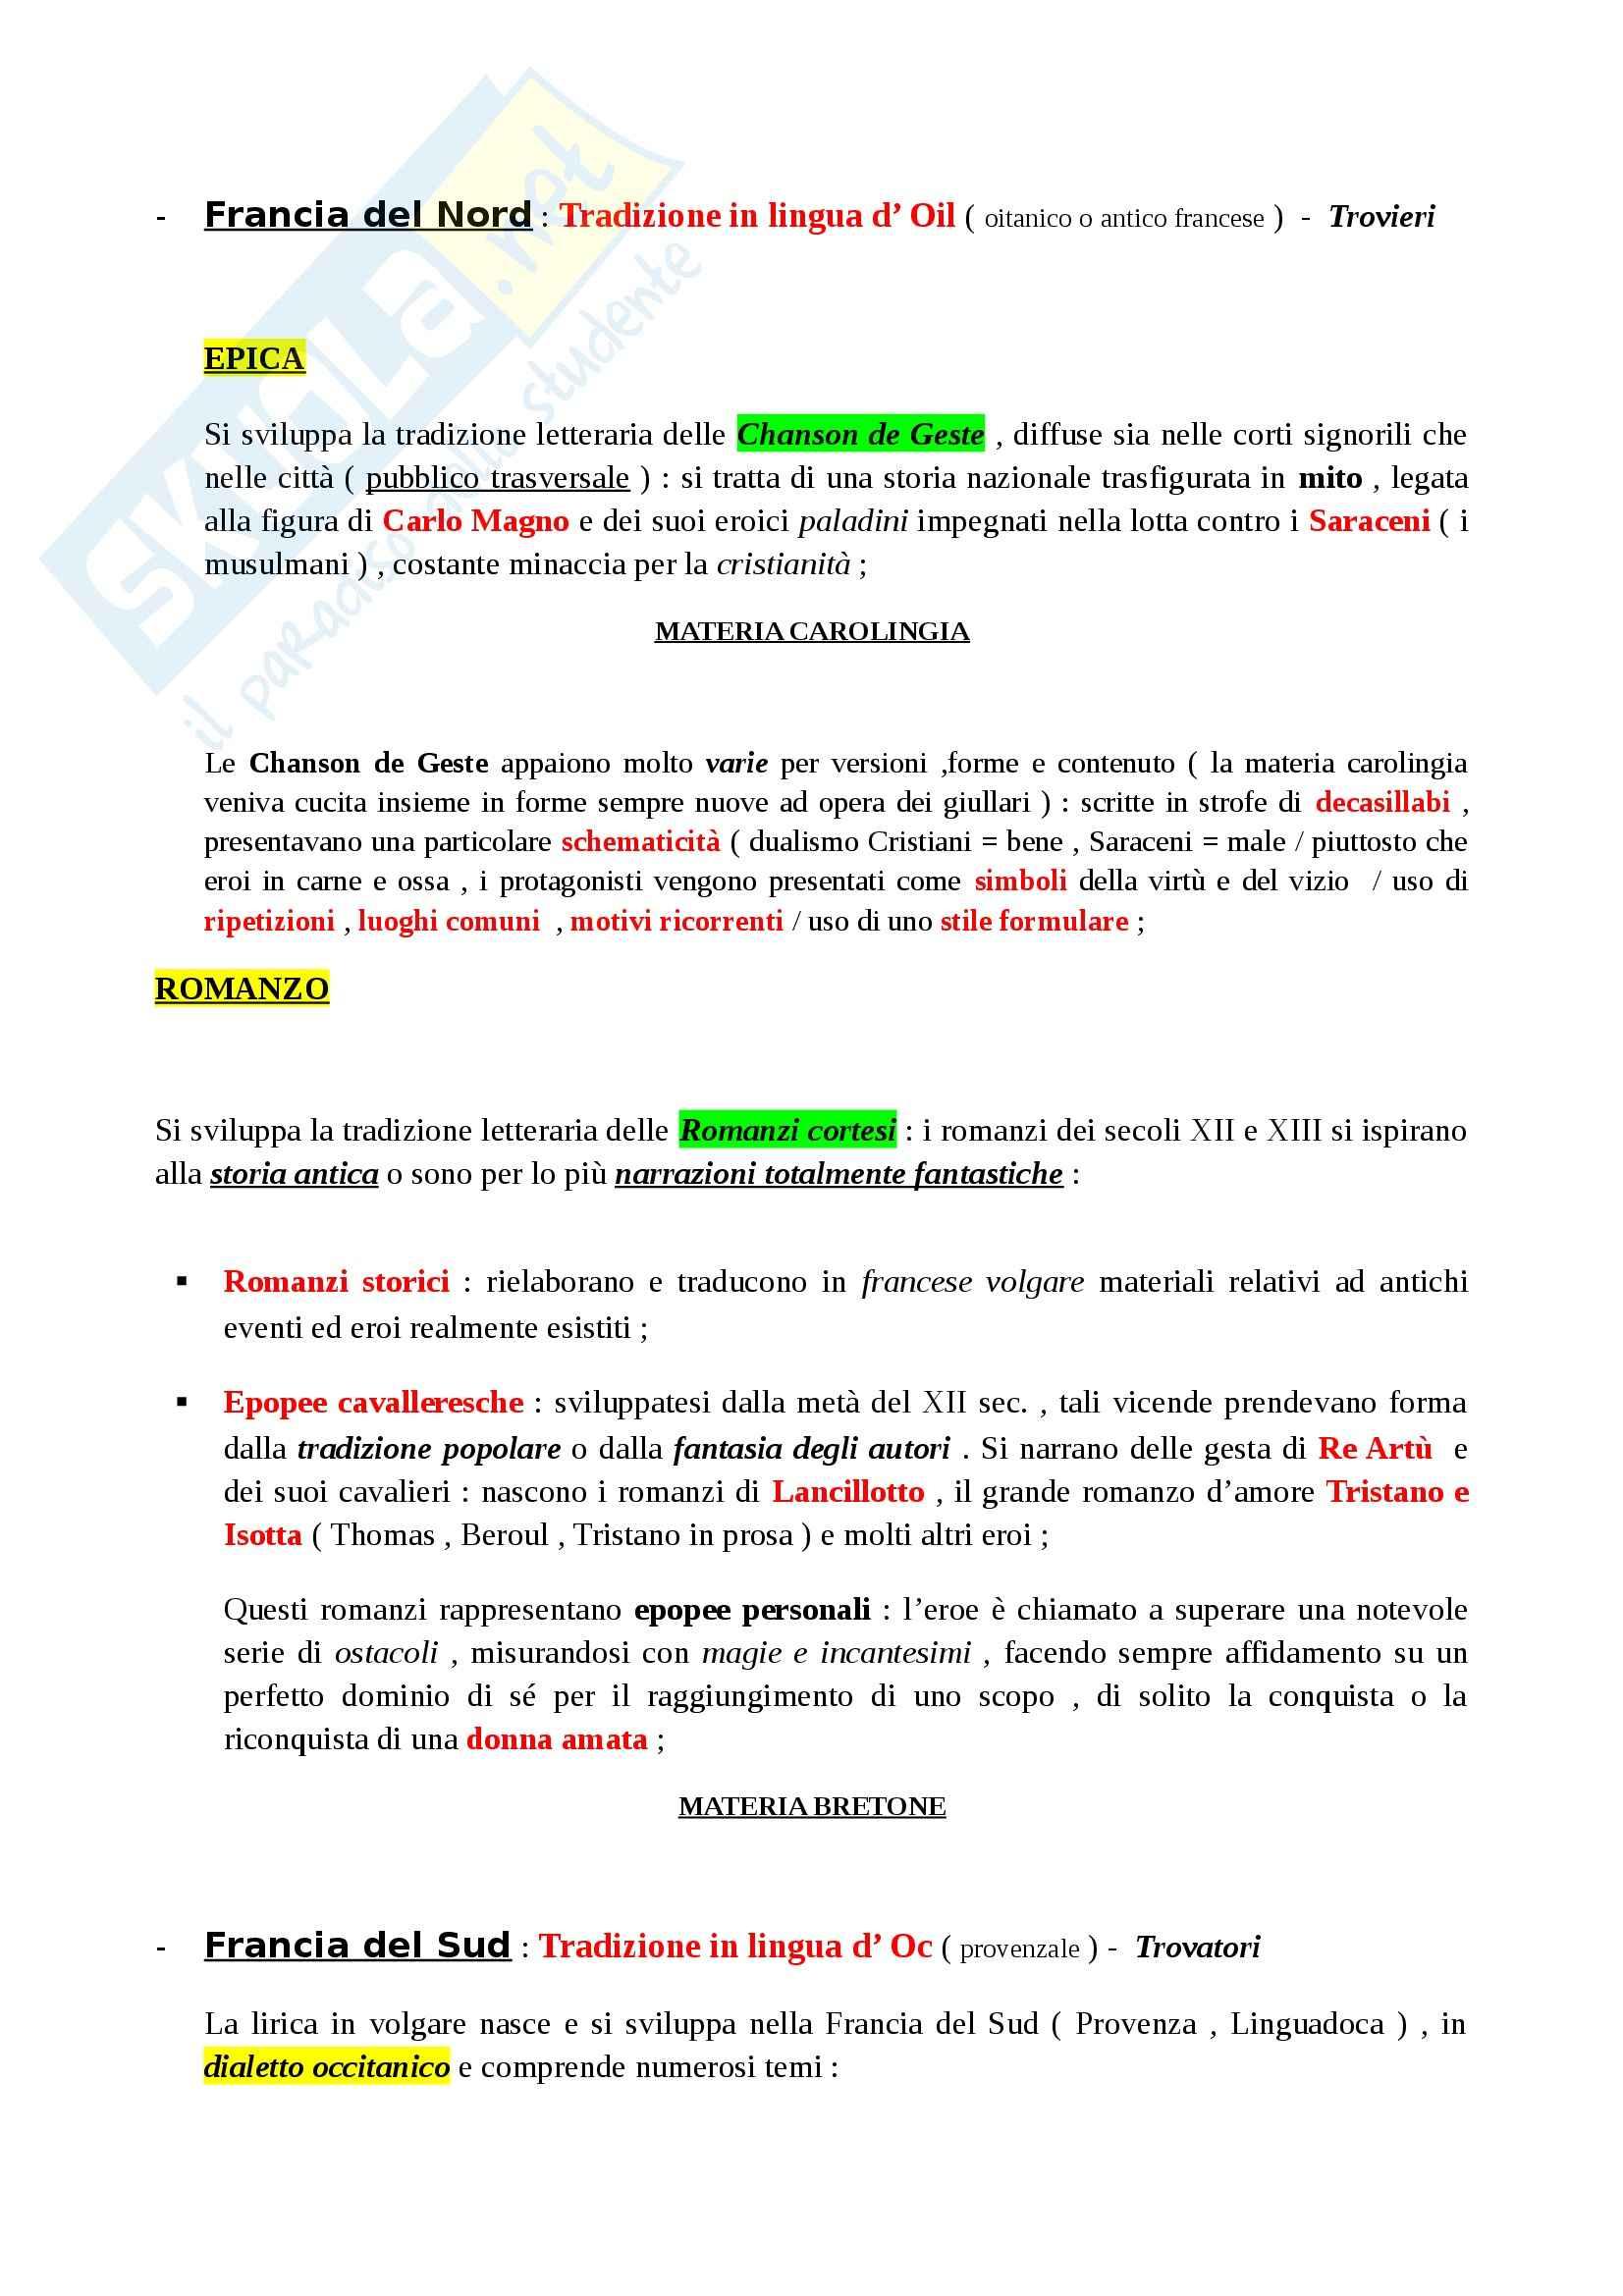 Riassunto esame Letteratura Italiana: La Letteratura Italiana, dalle Origini al Secondo Ottocento, prof. Paolino Pag. 6